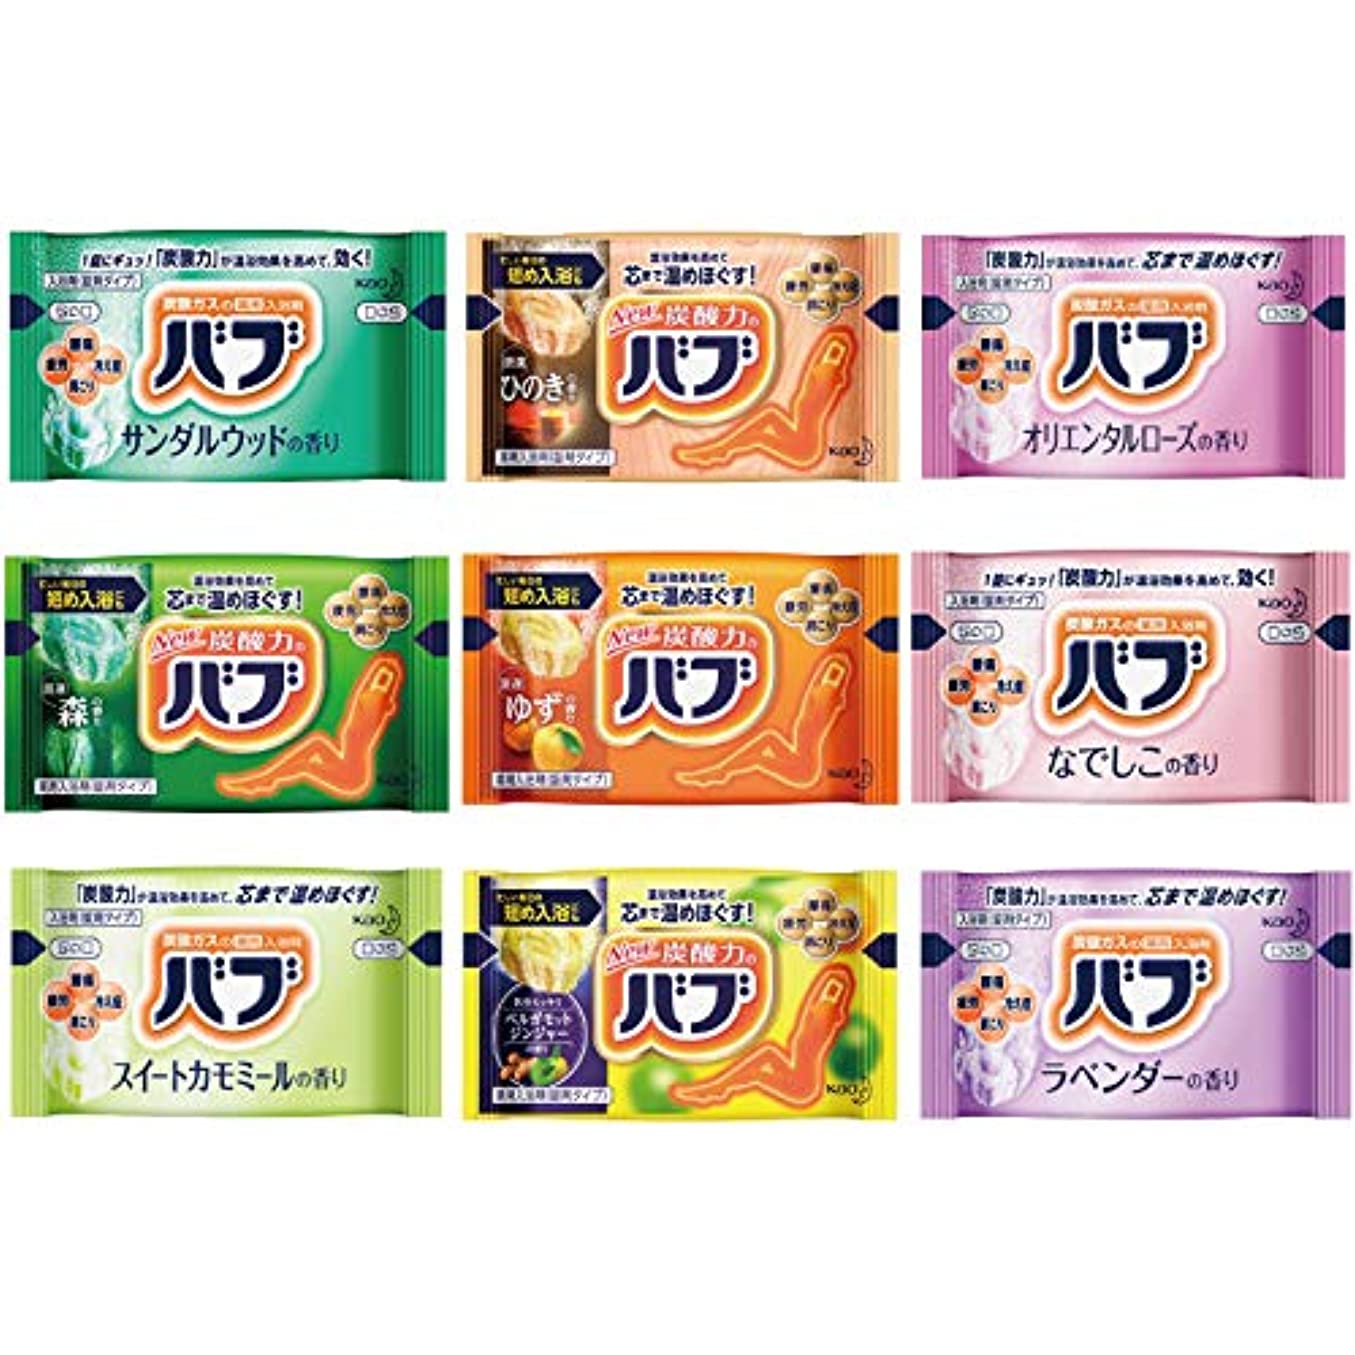 ピュースカーフ爬虫類花王 バブ 入浴剤セット 9種類の香り 36錠(9種類x4錠)